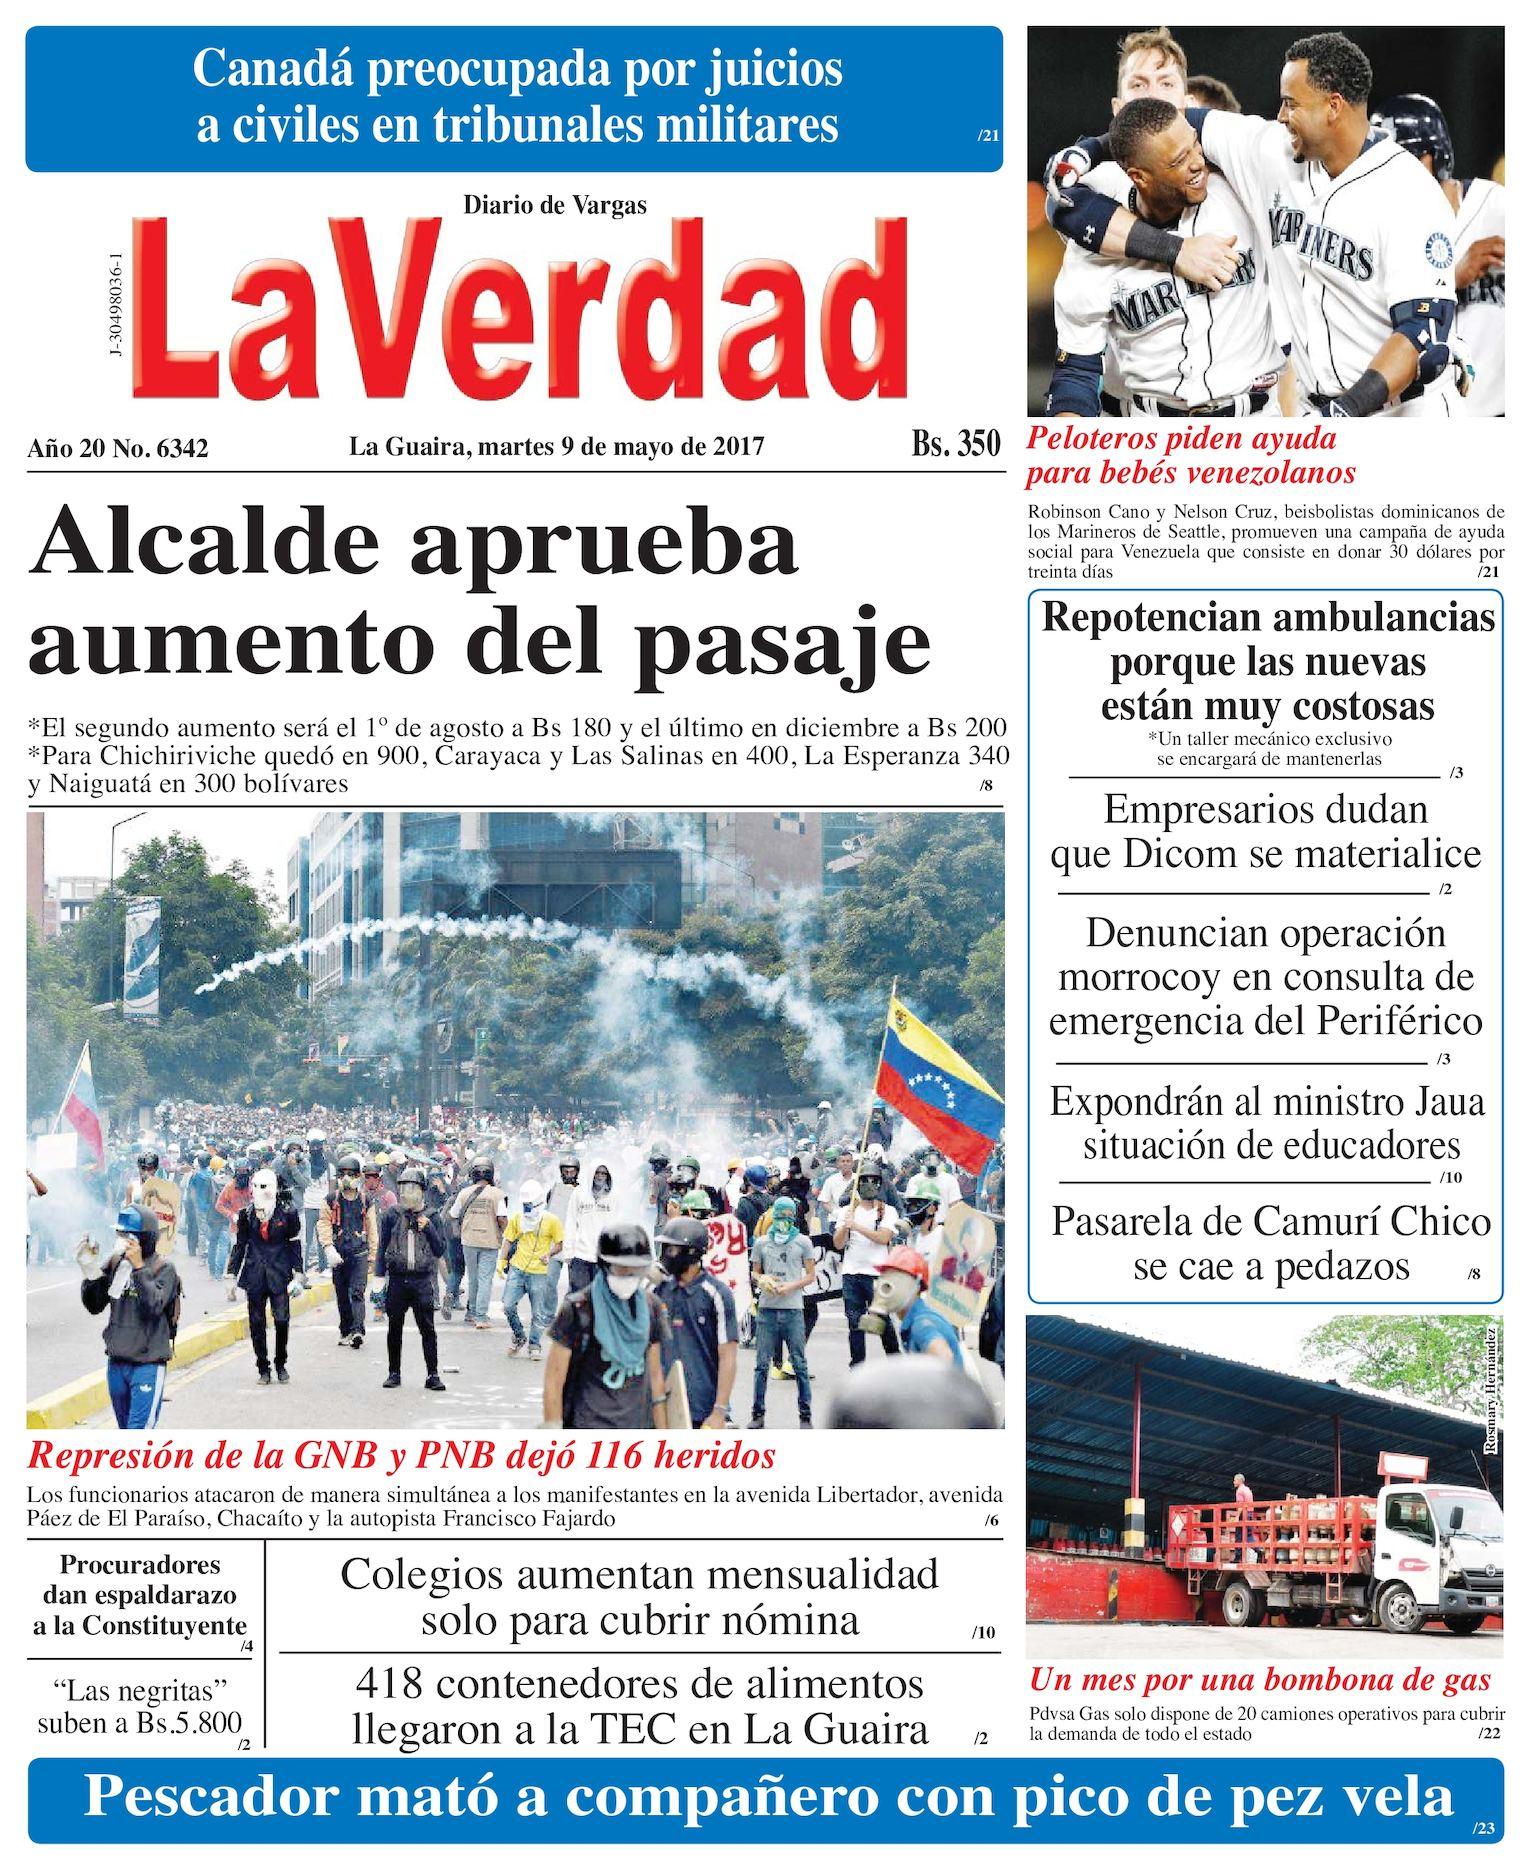 La Guaira, martes 09 de Mayo de 2017 Año 20 No 6342